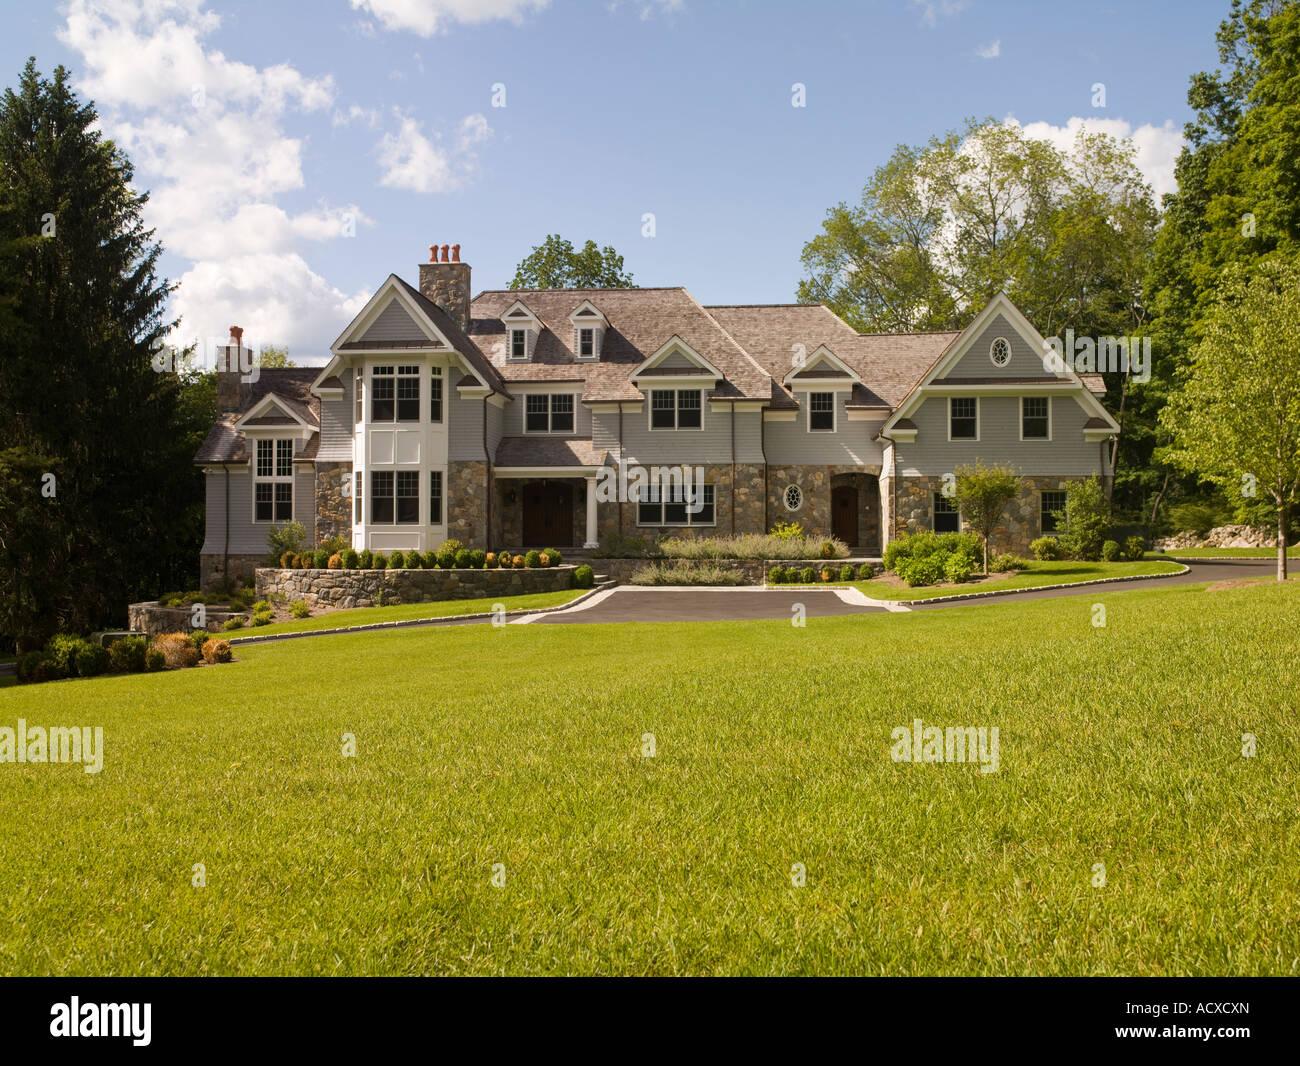 modern large luxury house, USA - Stock Image